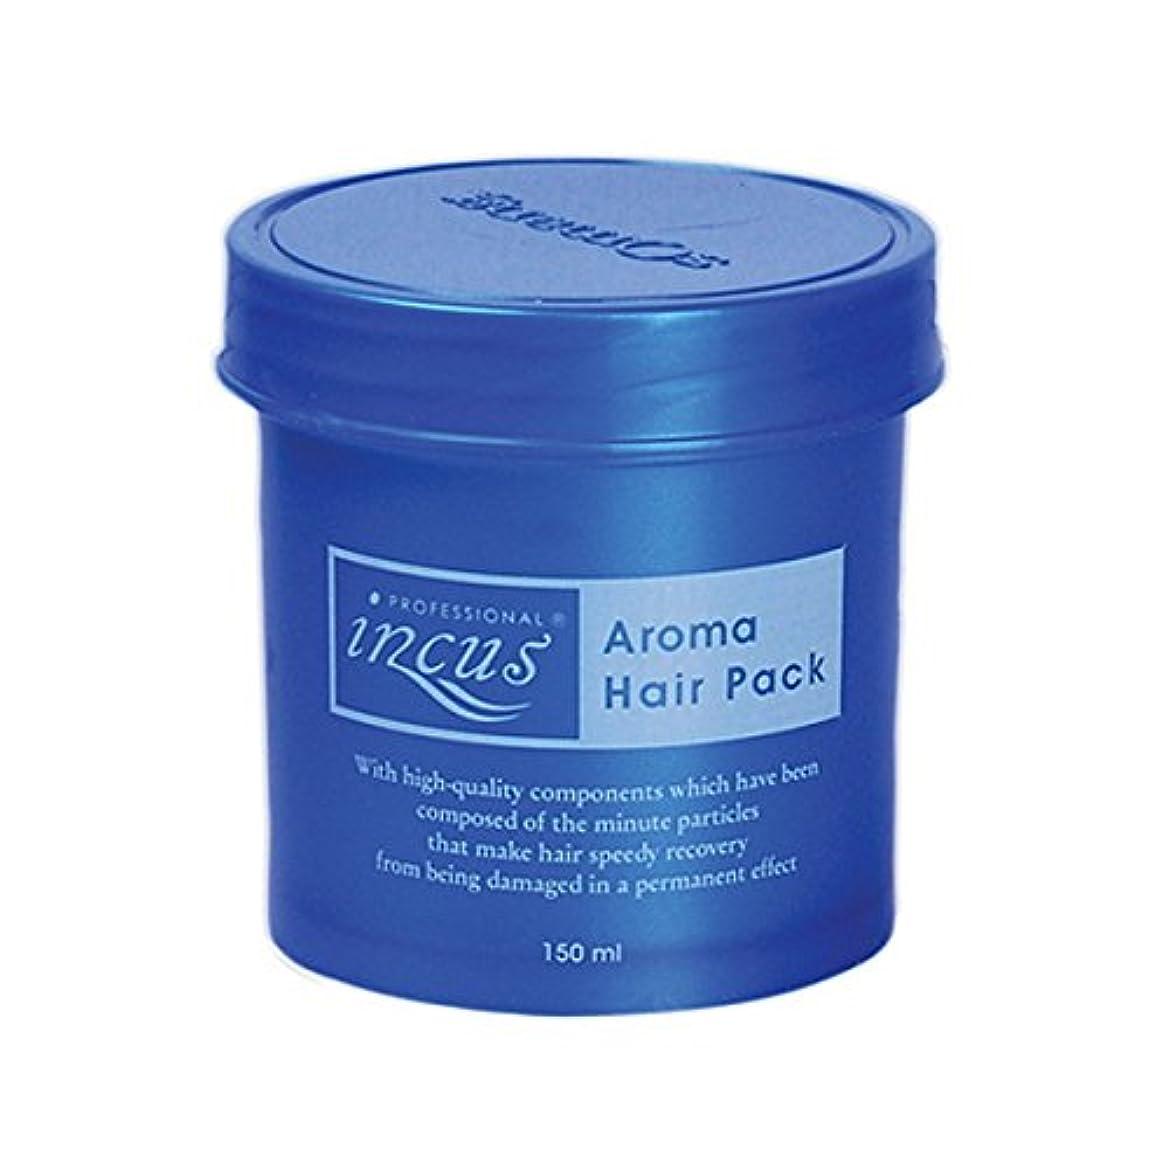 オレンジ他のバンドでシーフード[Somang/希望] Incus Aroma Hair Pack 150ml/希望のキュスアロマヘアパック(海外直送品)